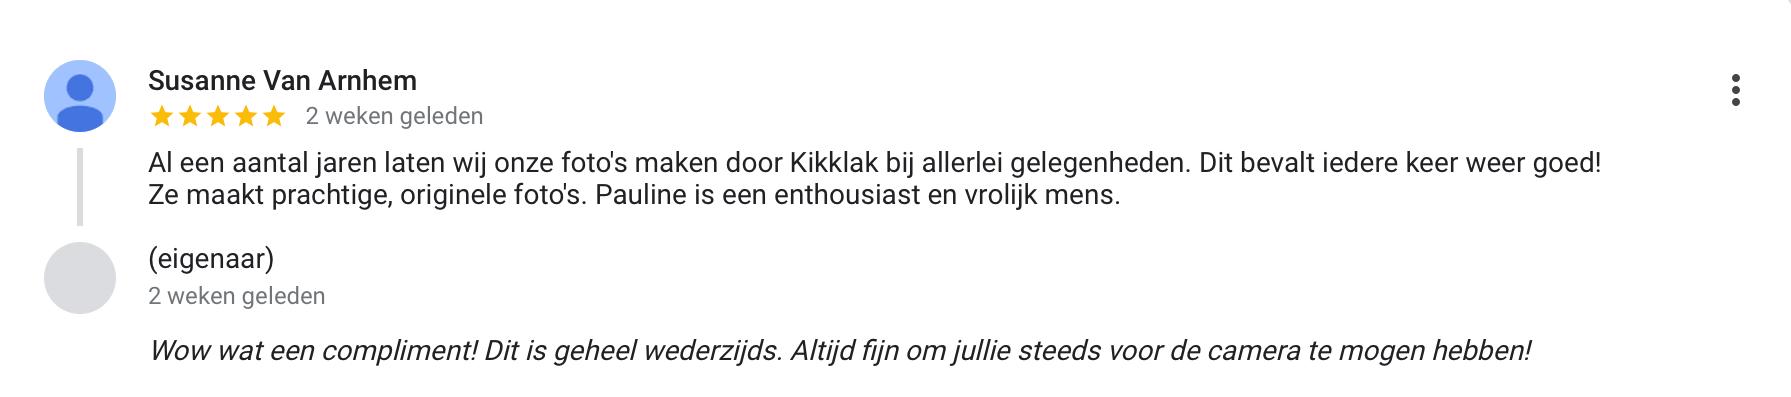 Review Klikklak